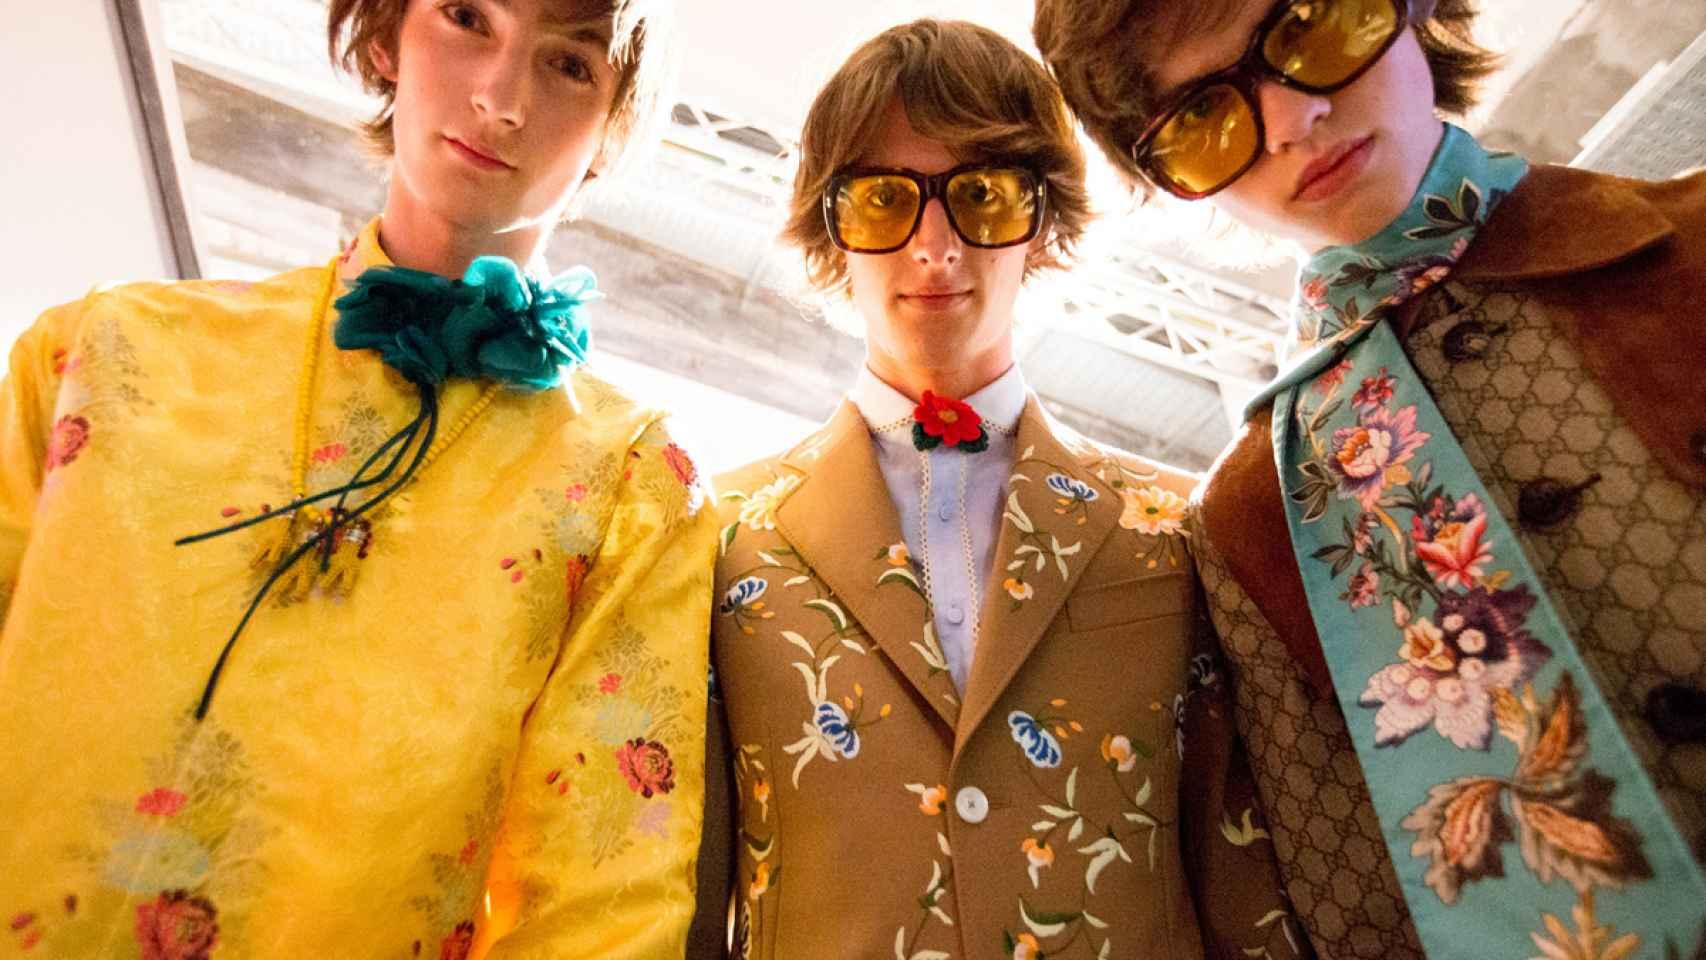 Las gafas de Solo Gucci 2016, nos llevan atrás en el tiempo, perfectas para un look retro/vintage.